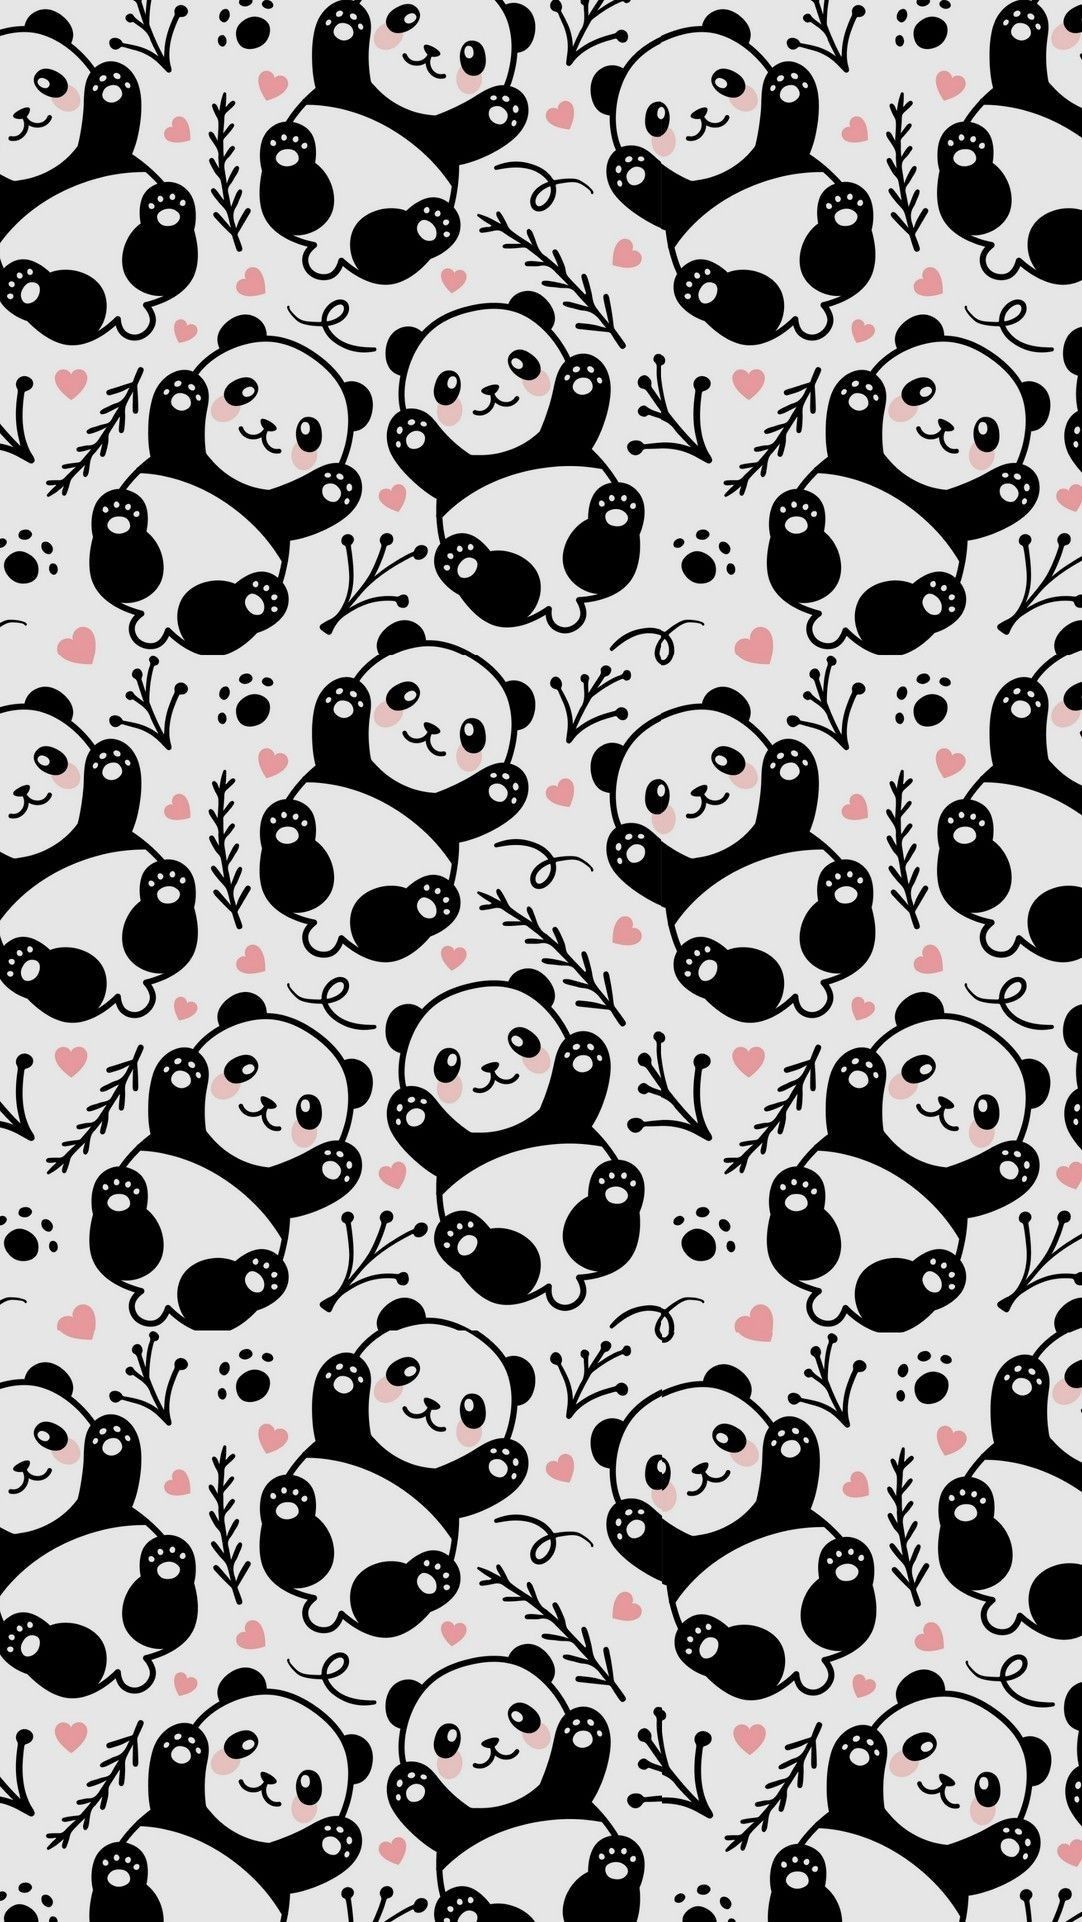 Pandas wallpaper 🐼🐼 PANDAMONIUM =0D in 2019